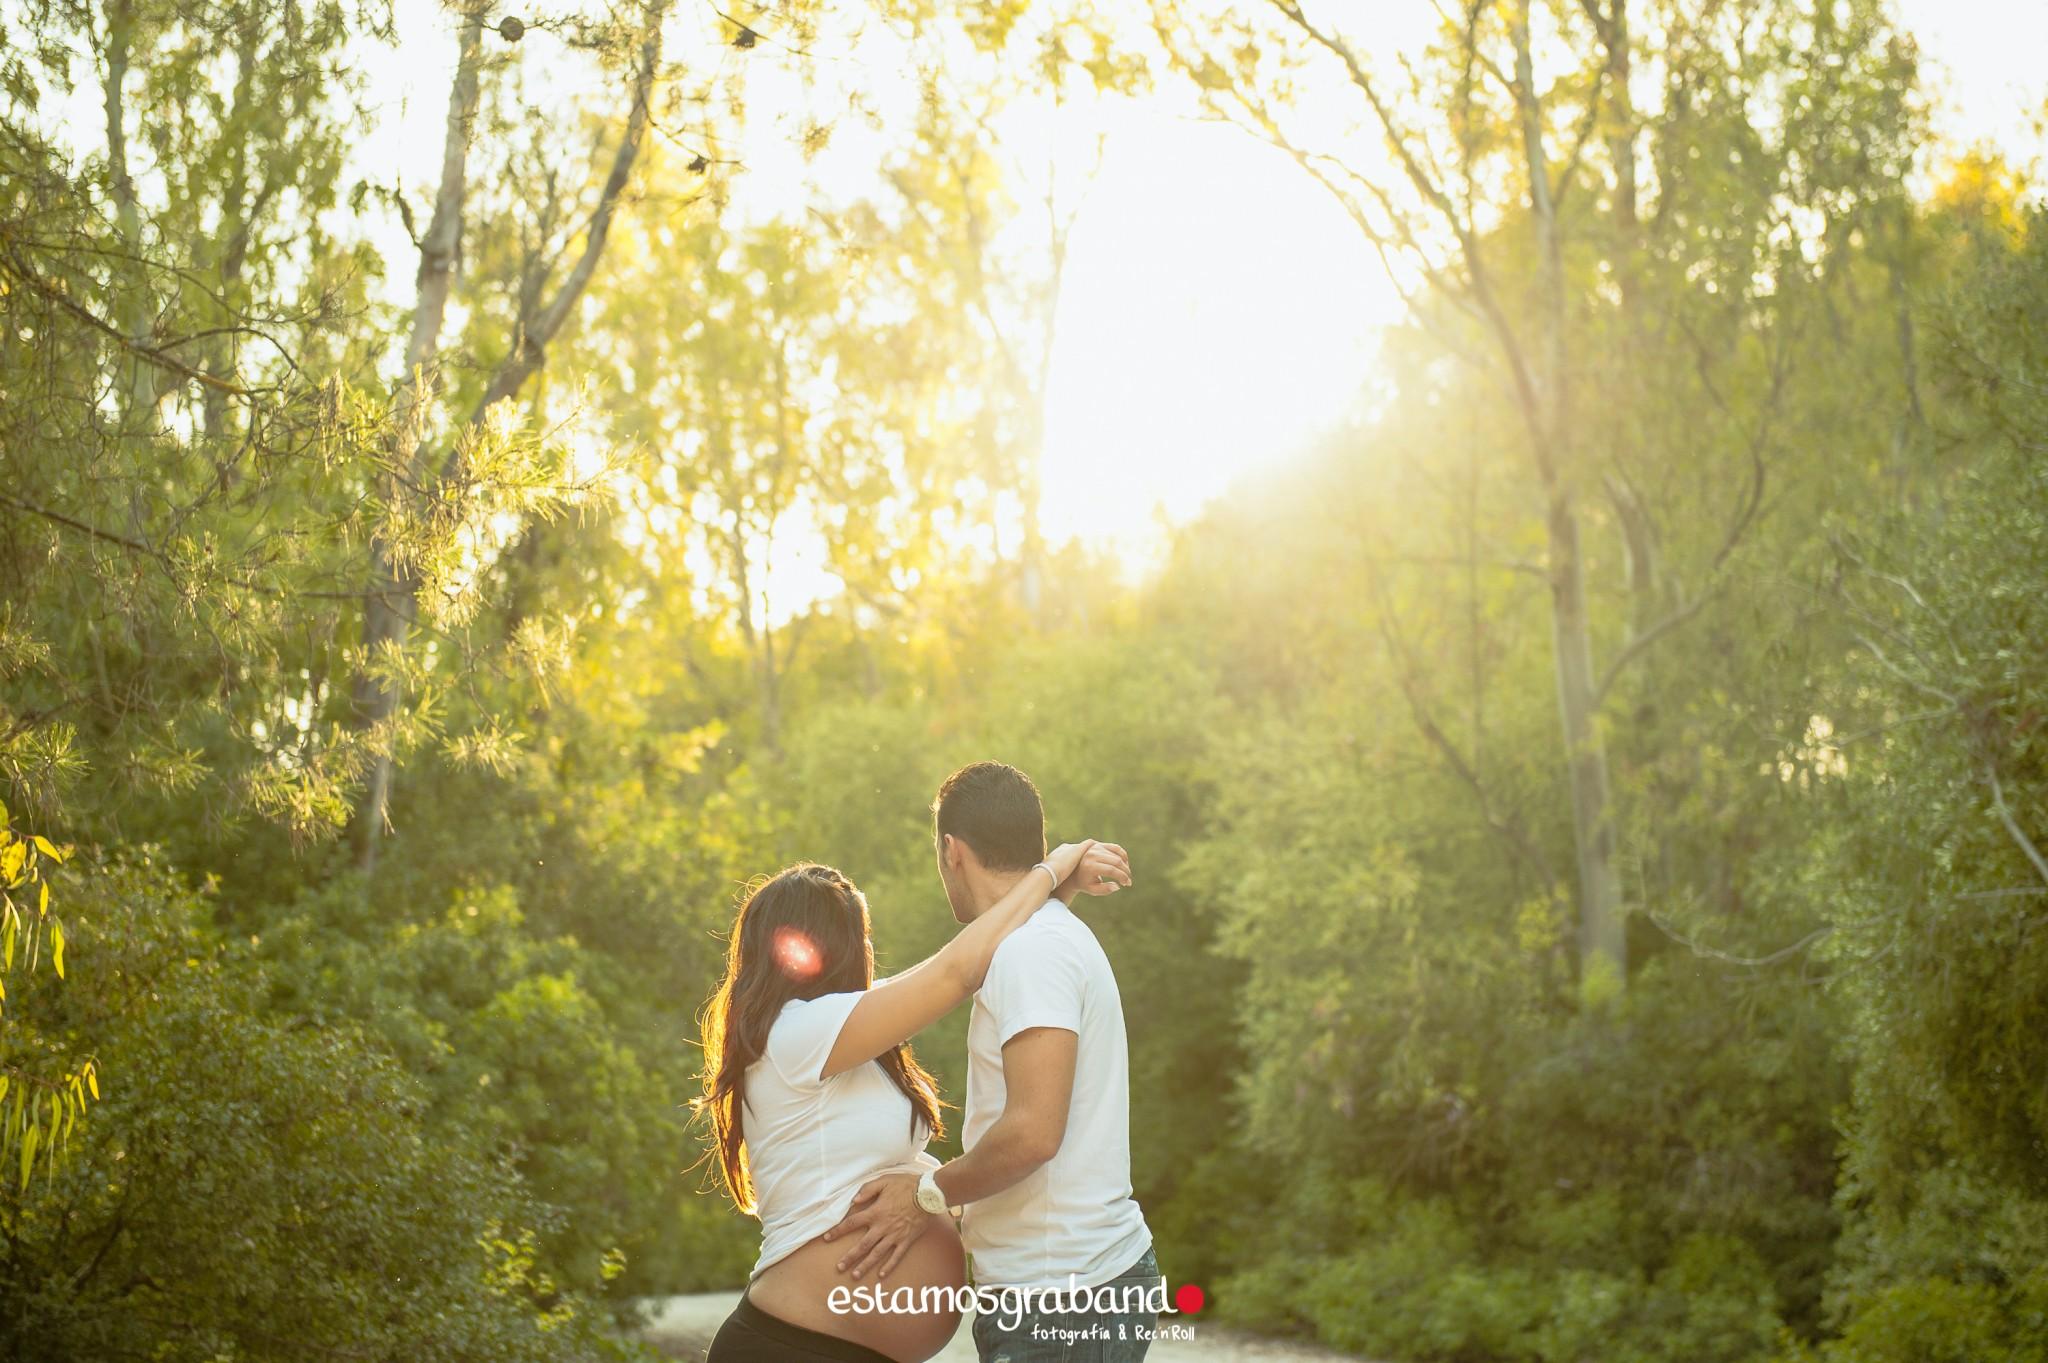 embarazo-recanrollero-sesiones-estamosgrabando-embarazos-sesiones-de-pareja-sesiones-recandrolleras-fotografos-embarazo-jerez-27 Mimo & Mima + Mini Mimo - video boda cadiz